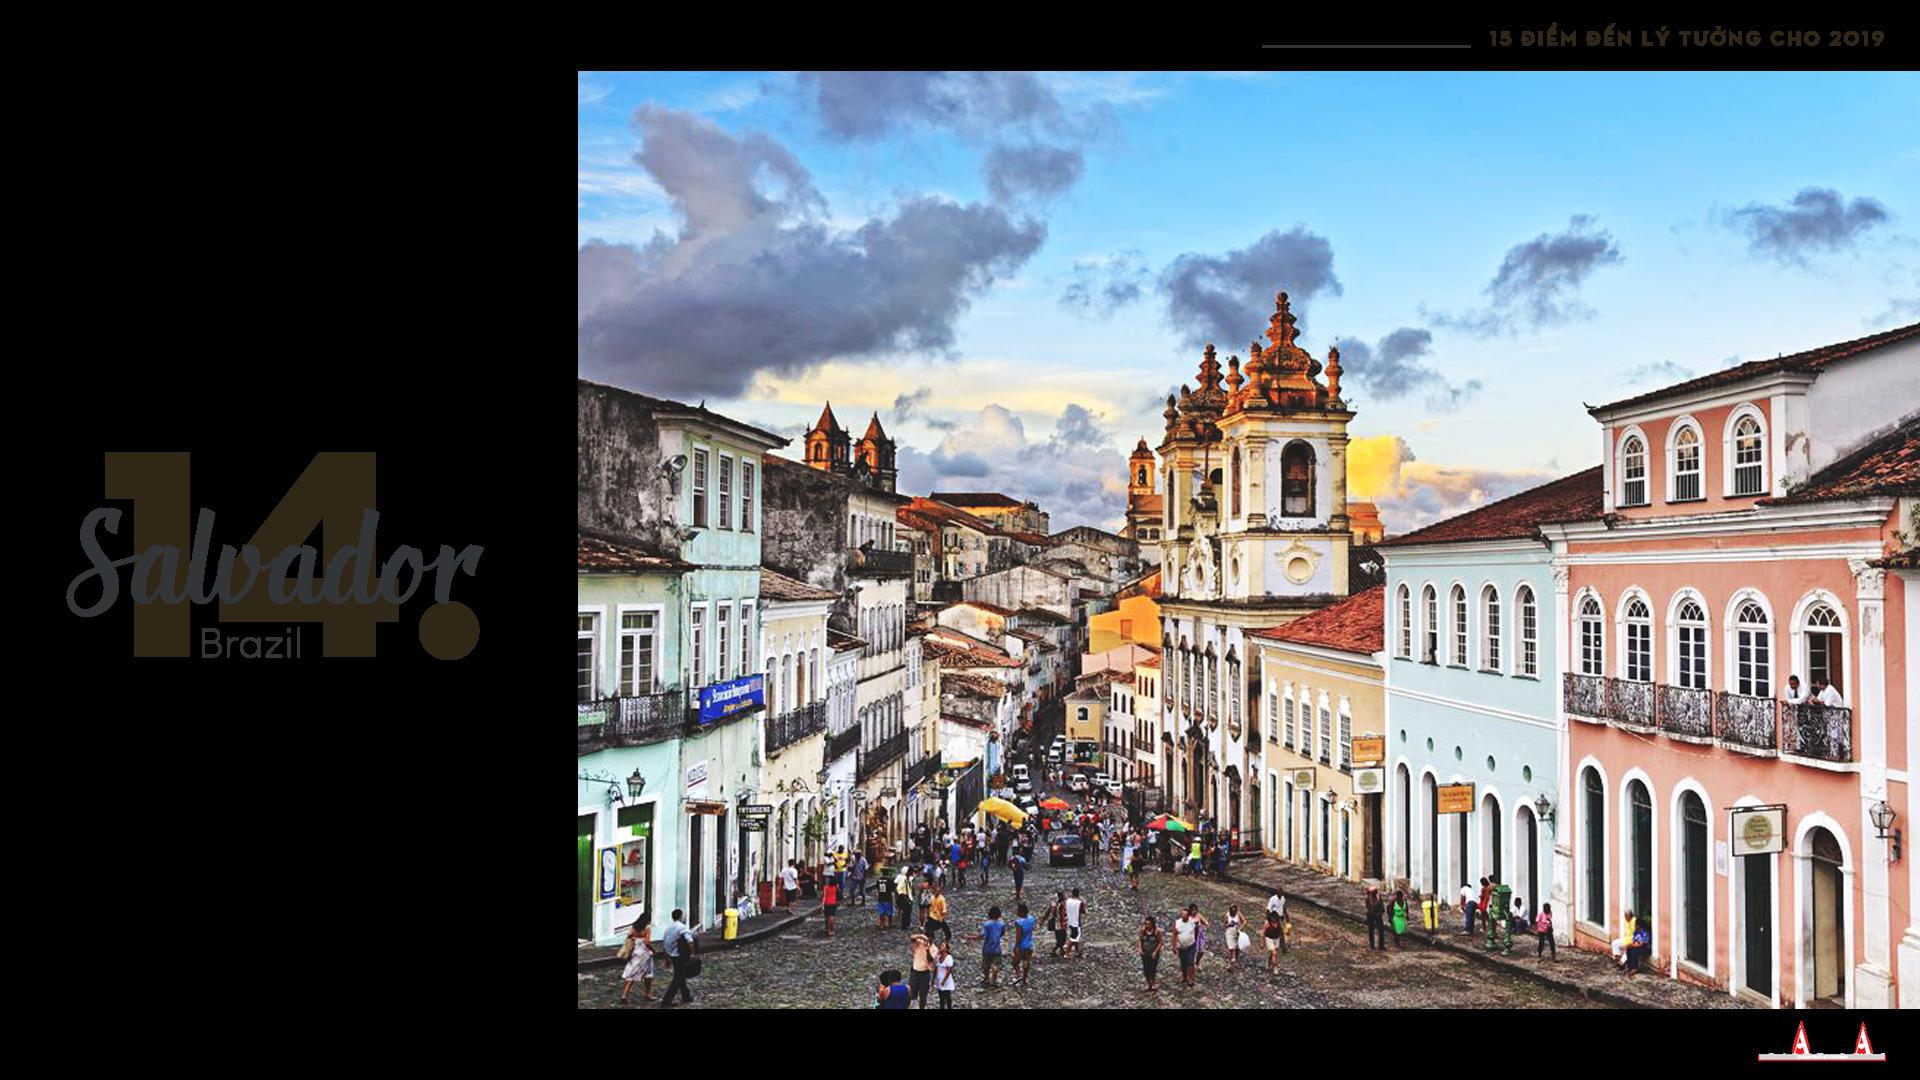 Top 15 điểm đến lý tưởng 2019 của thế giới: Việt Nam góp mặt - ảnh 14